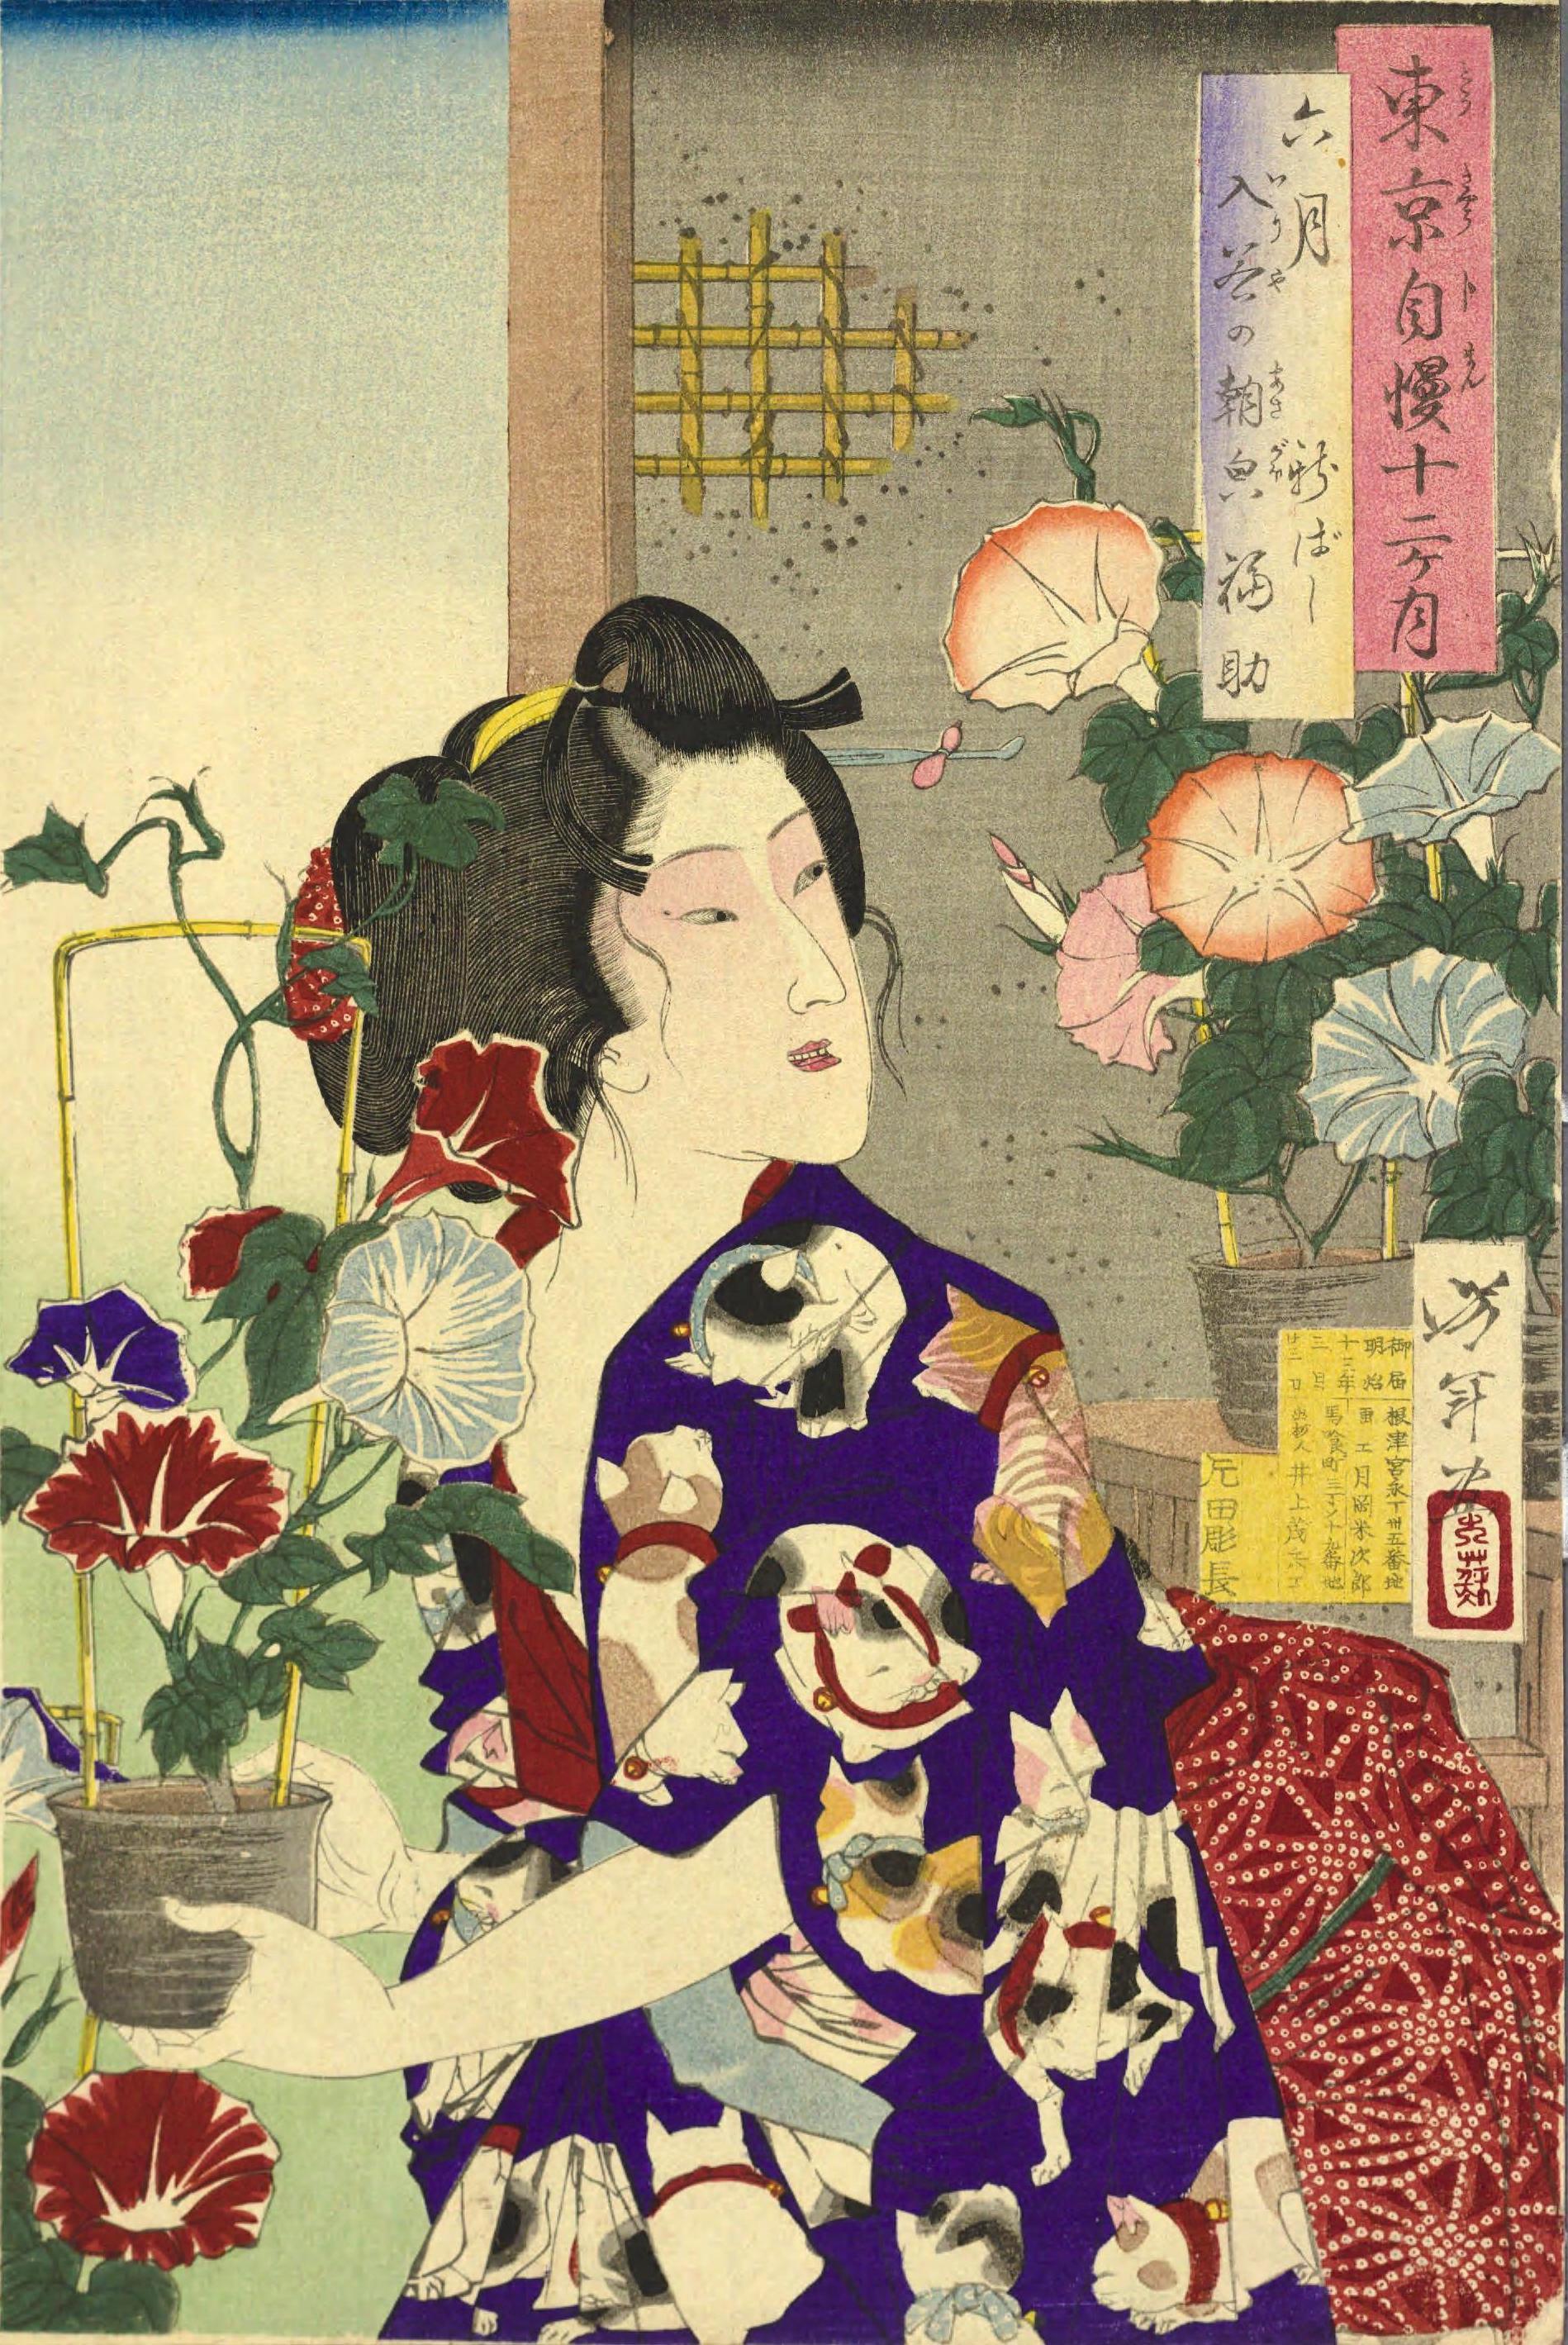 月岡芳年作『東京自慢十二ヶ月』六月 入谷の朝顔